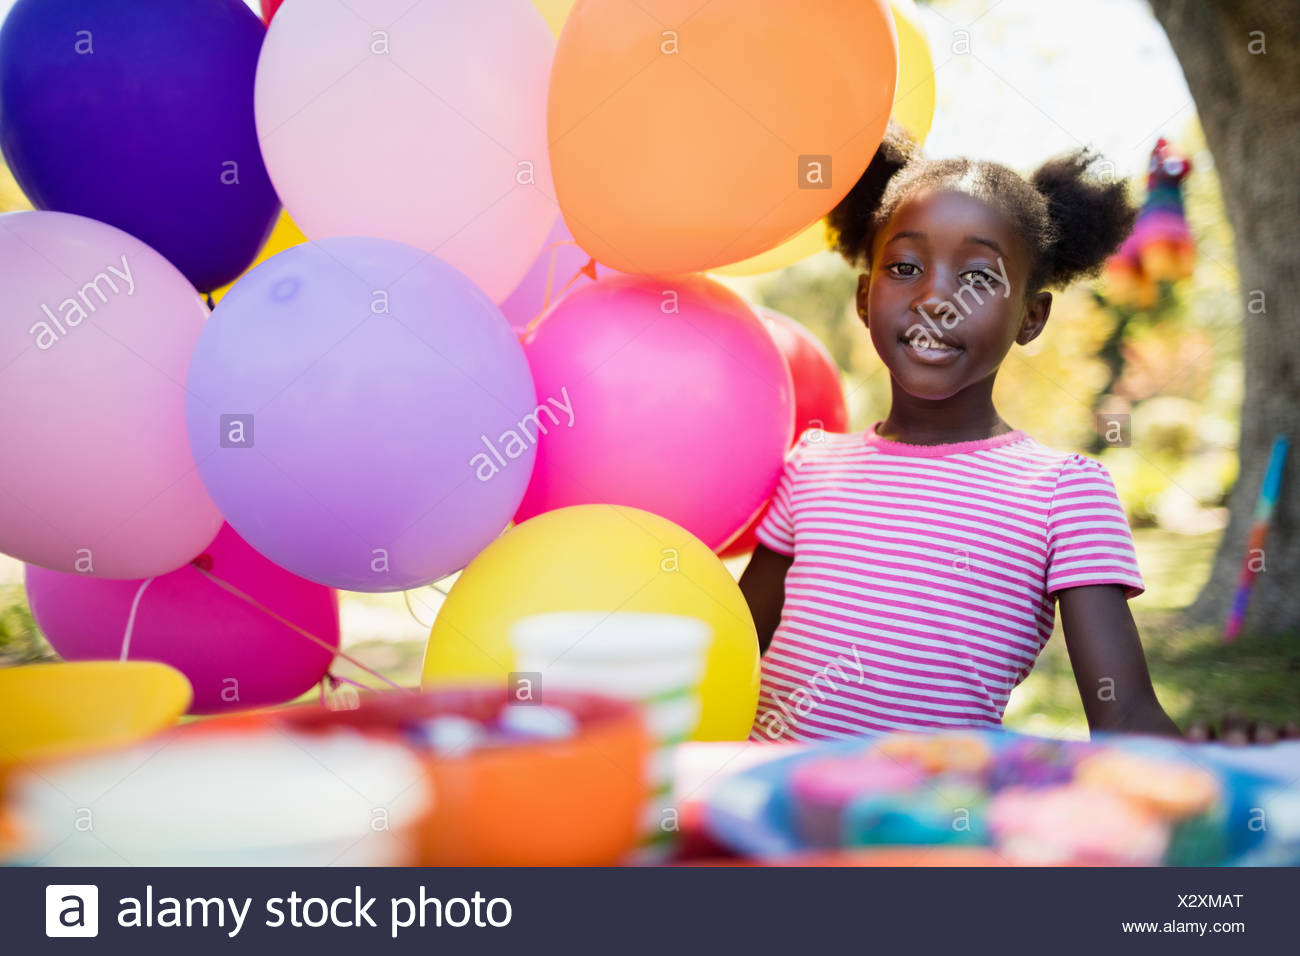 Niedliche Mädchen posiert neben Ballon auf einer Geburtstagsfeier Stockbild